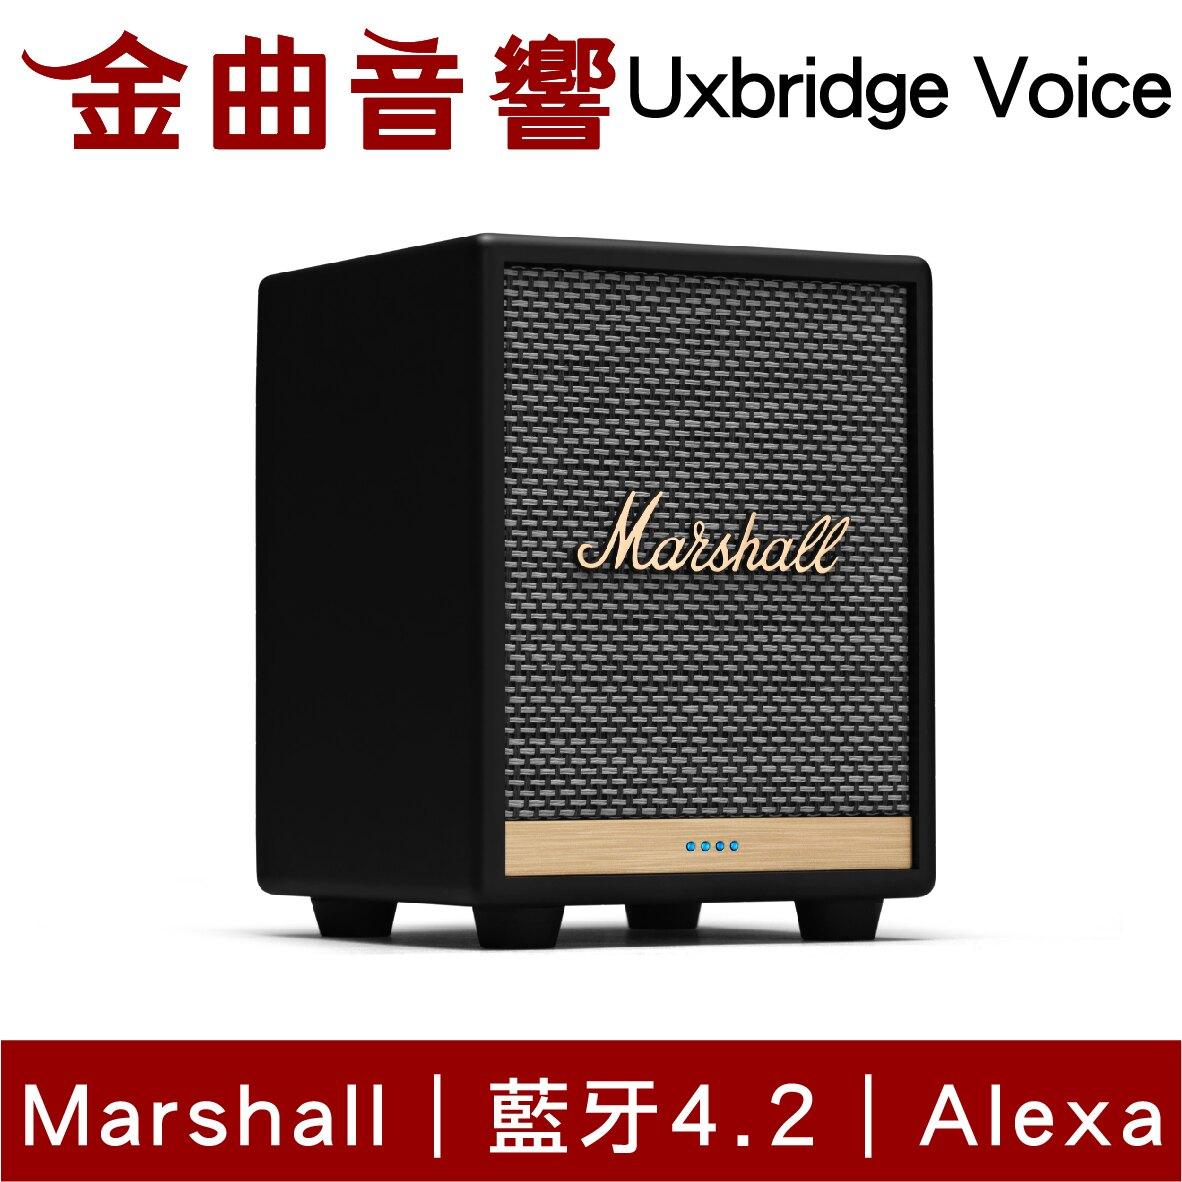 Marshall 馬歇爾 Uxbridge Voice 雙麥克風 藍芽 無線 喇叭 | 金曲音響